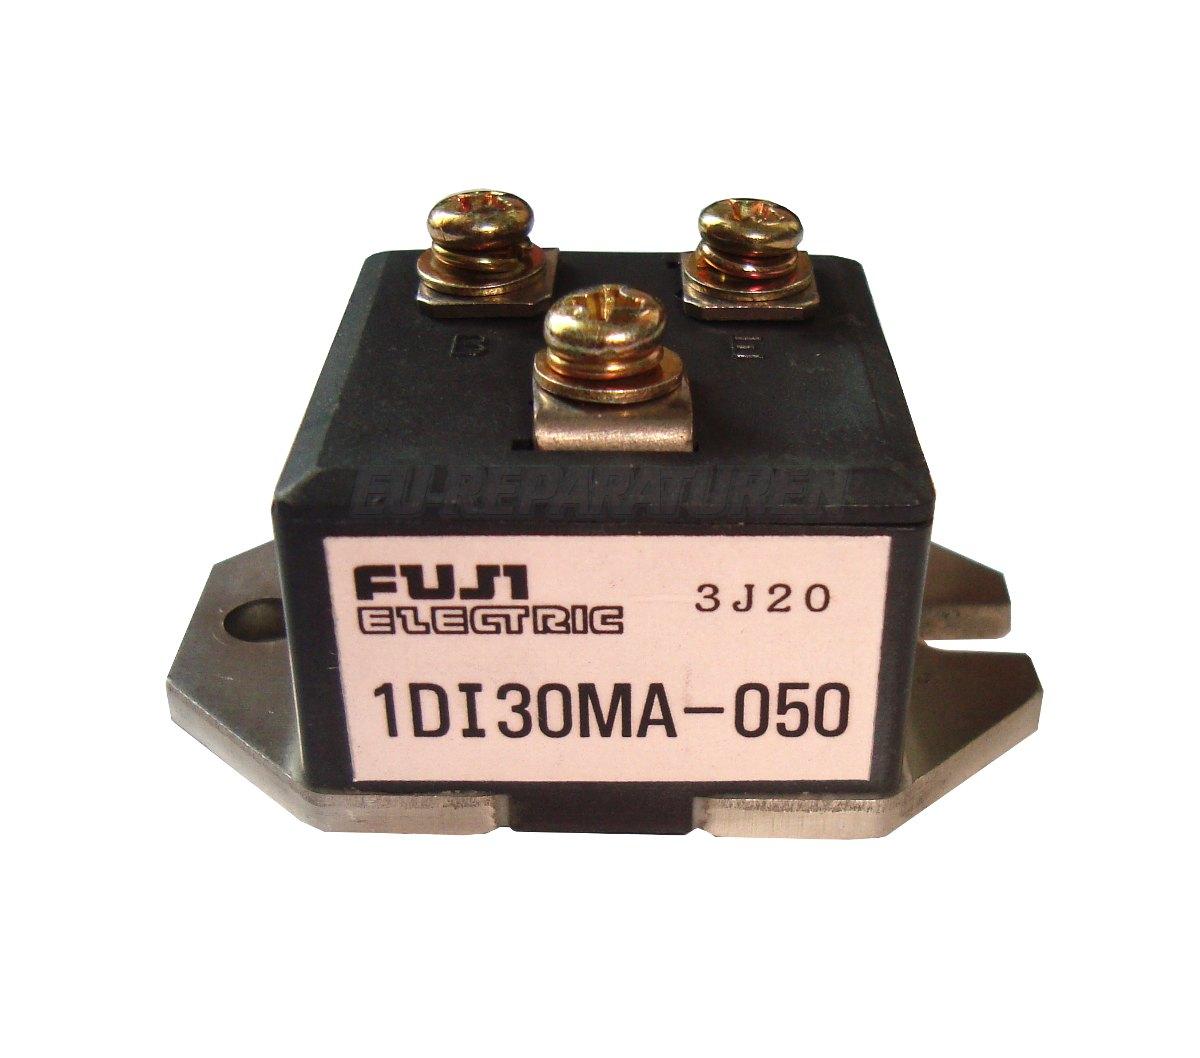 SHOP, Kaufen: FUJI ELECTRIC 1DI30MA-050 TRANSISTOR MODULE